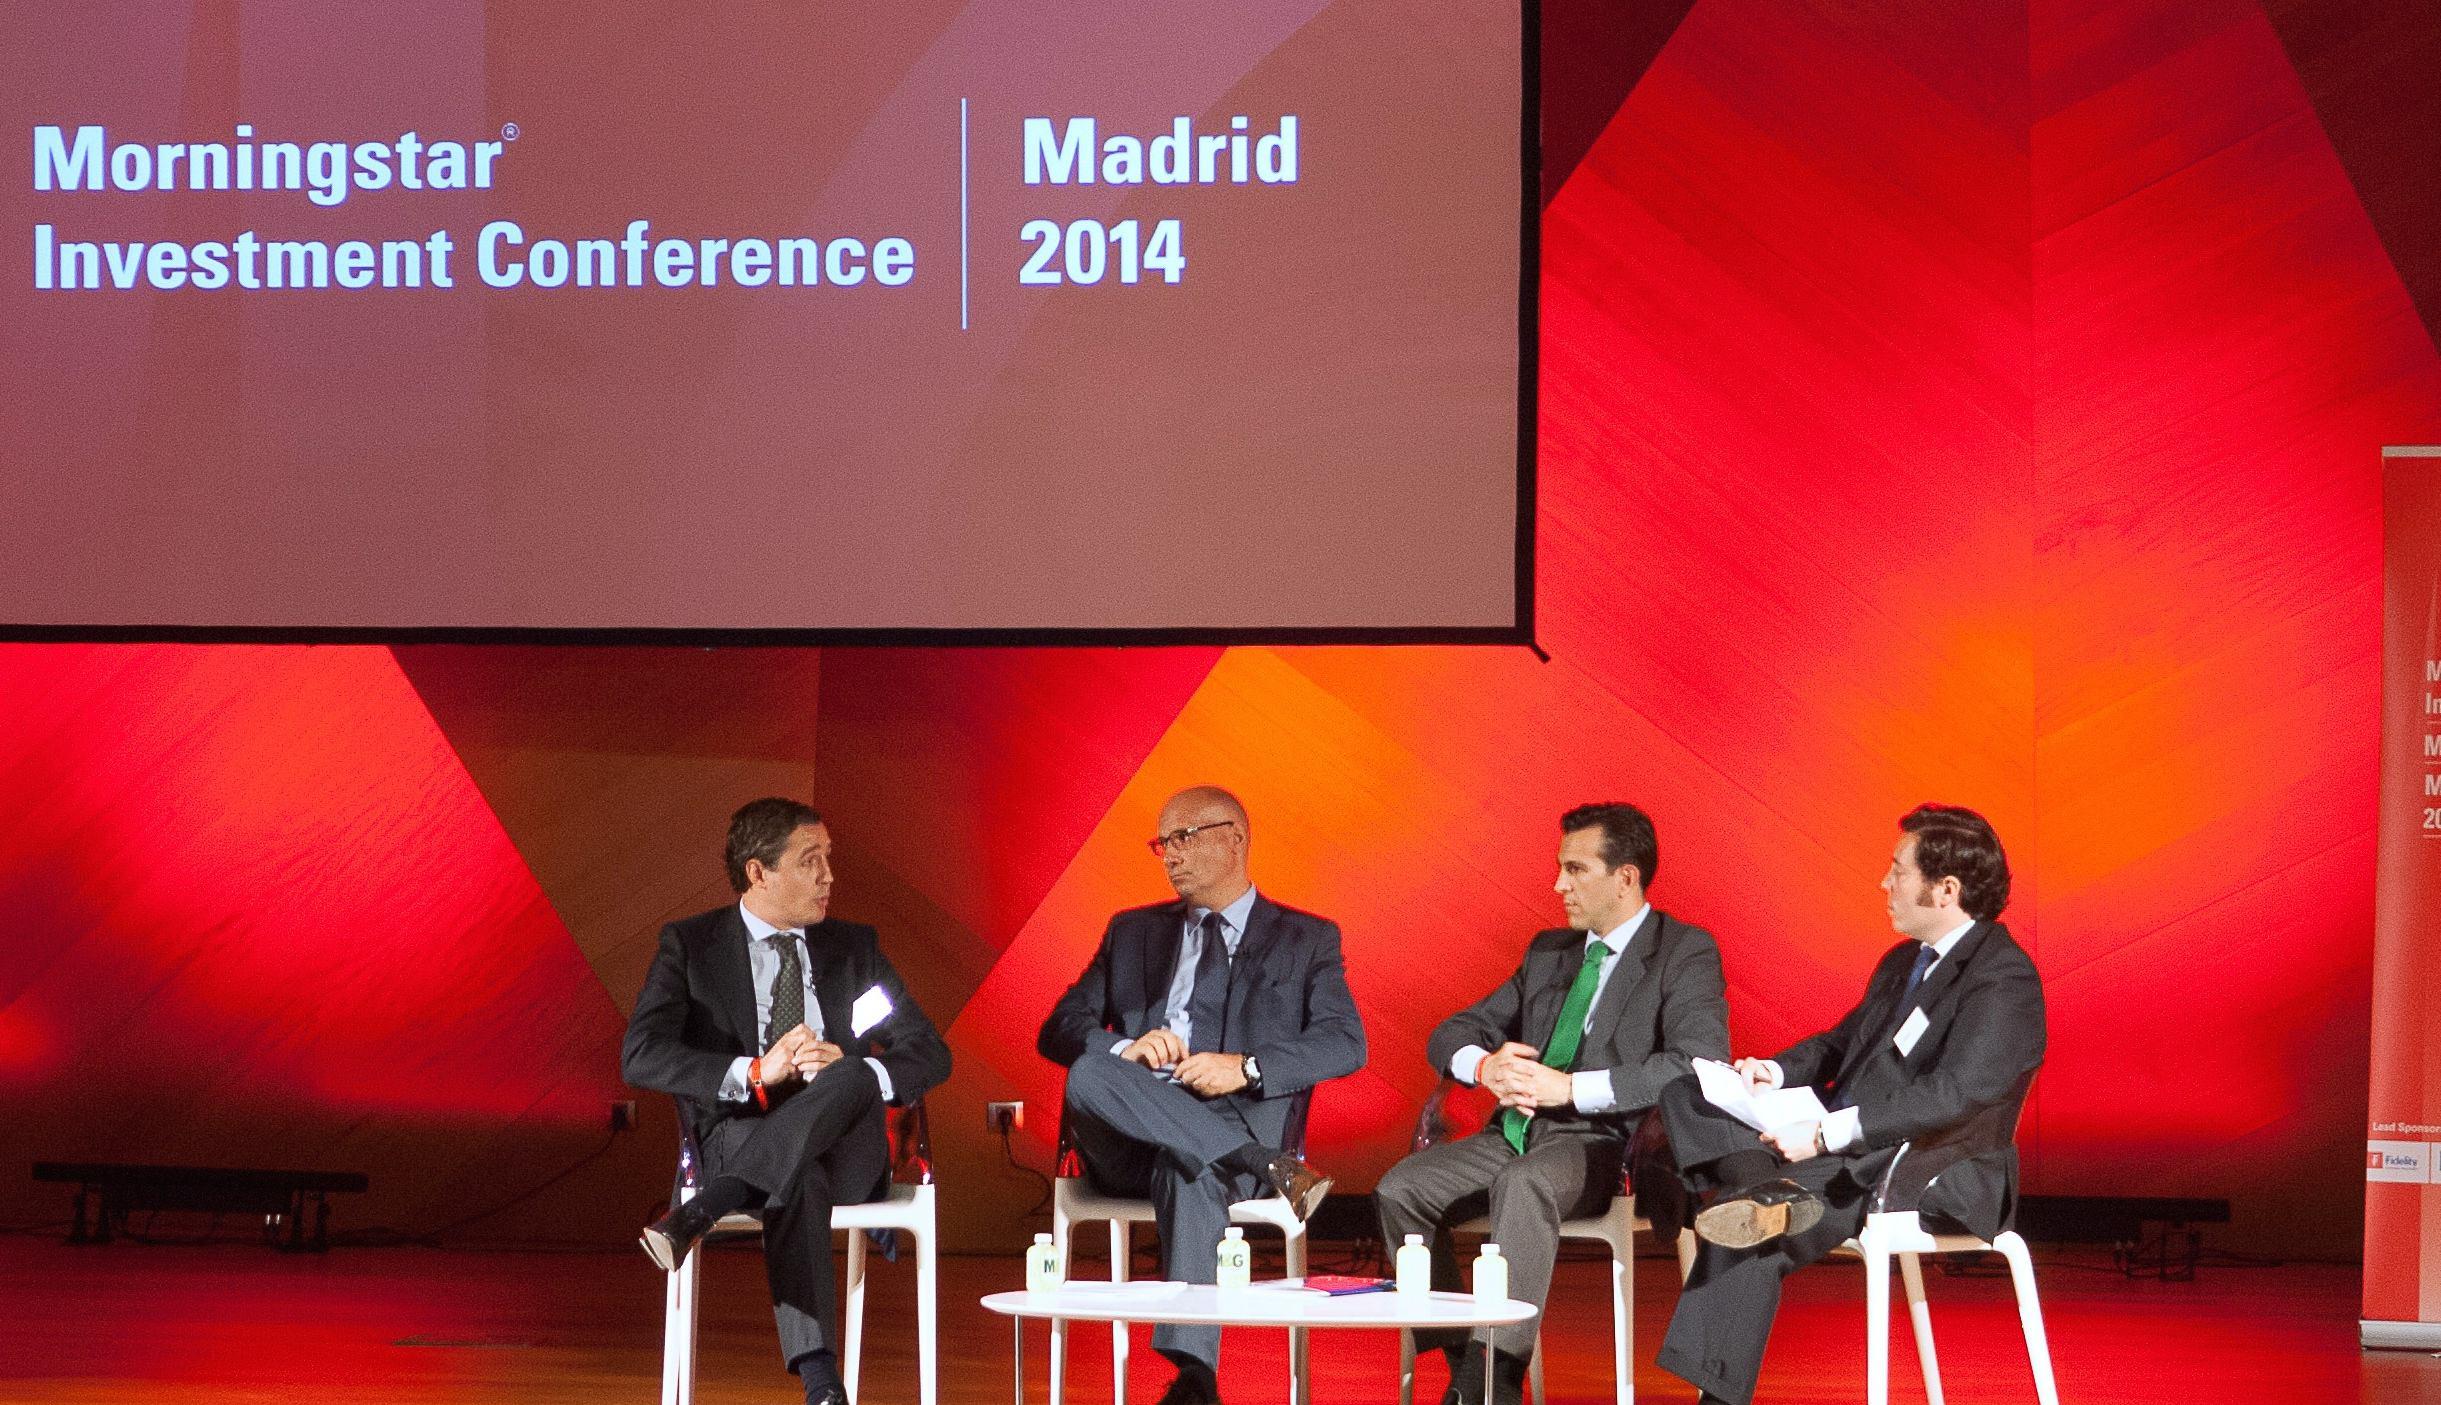 Firmino Morgado Morningstar Investment Conference